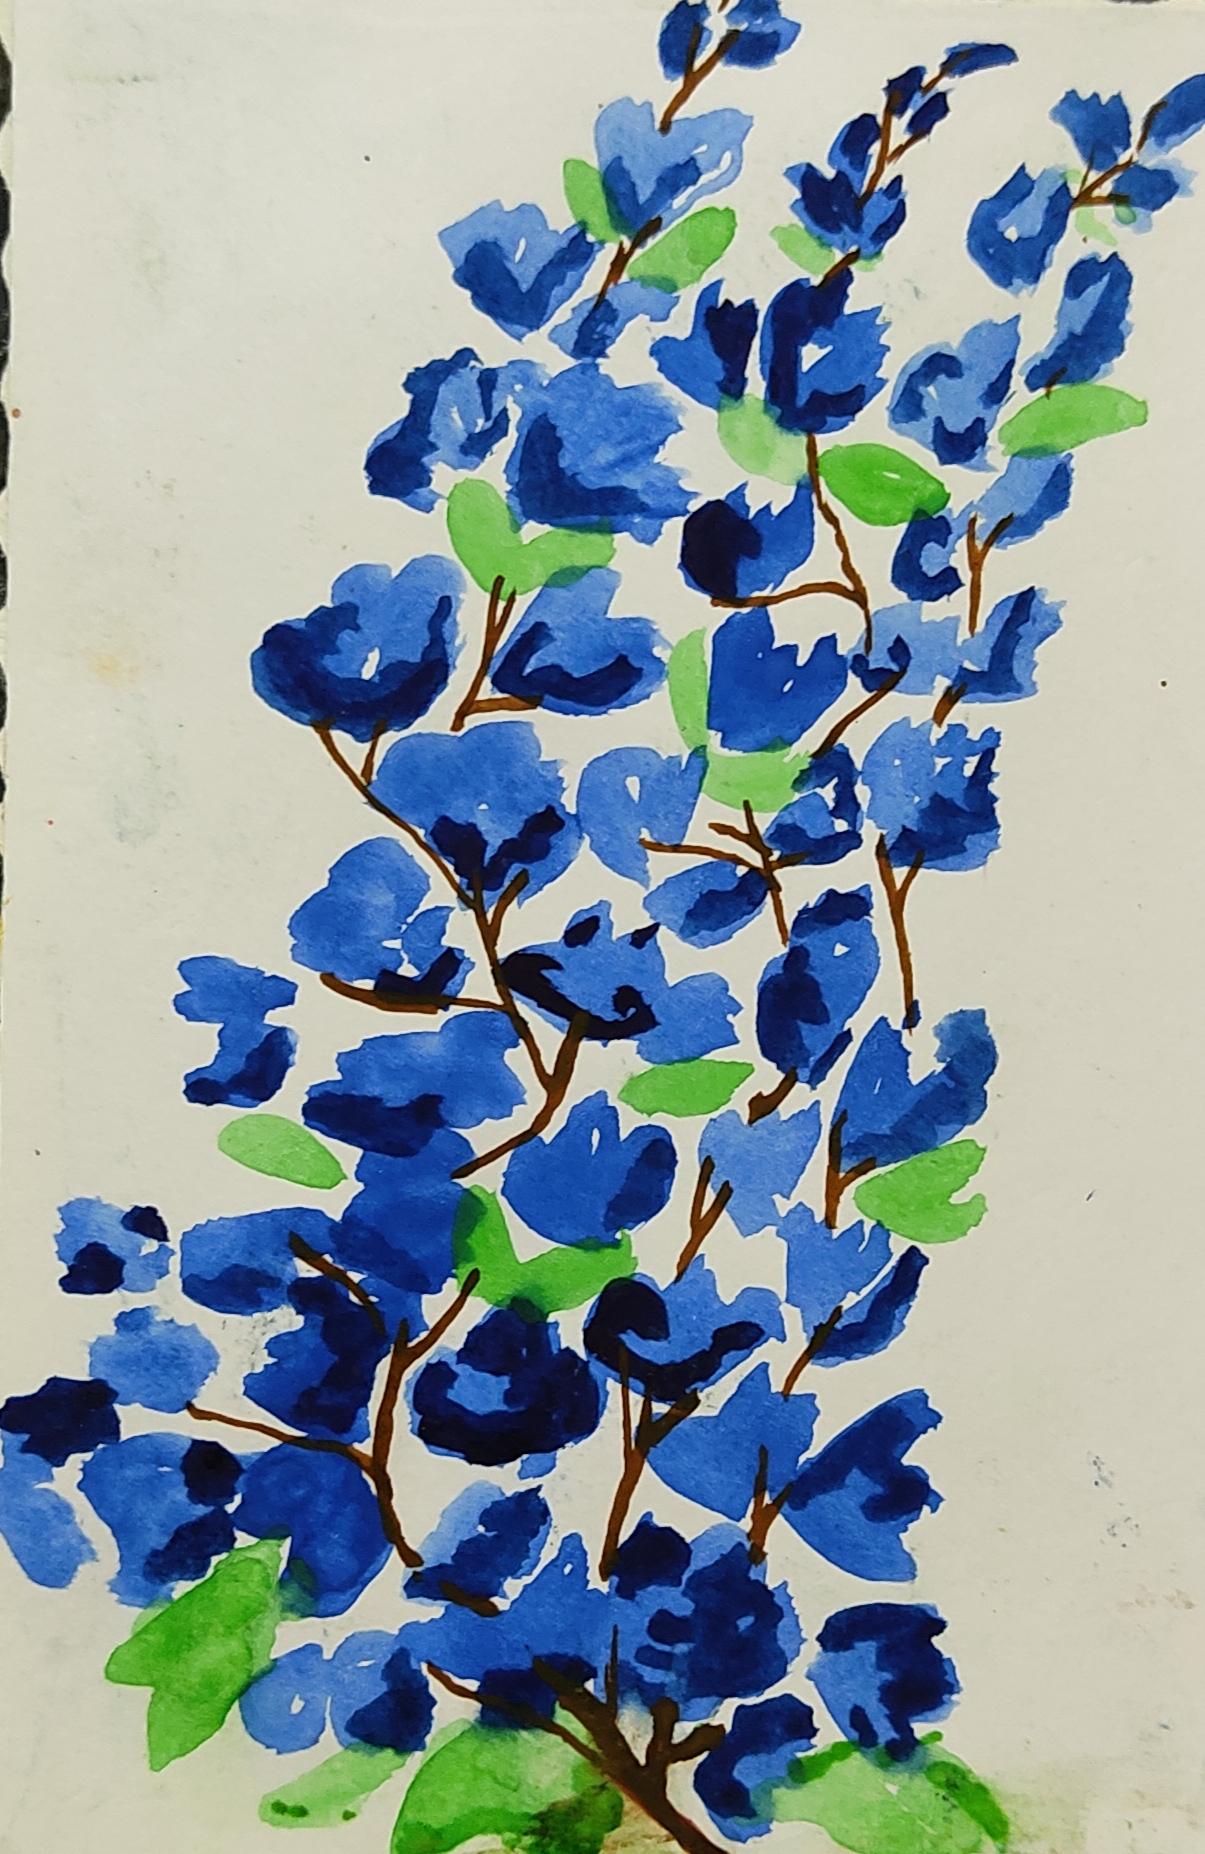 Aishani's Painting & Poem 'Blue Hues'